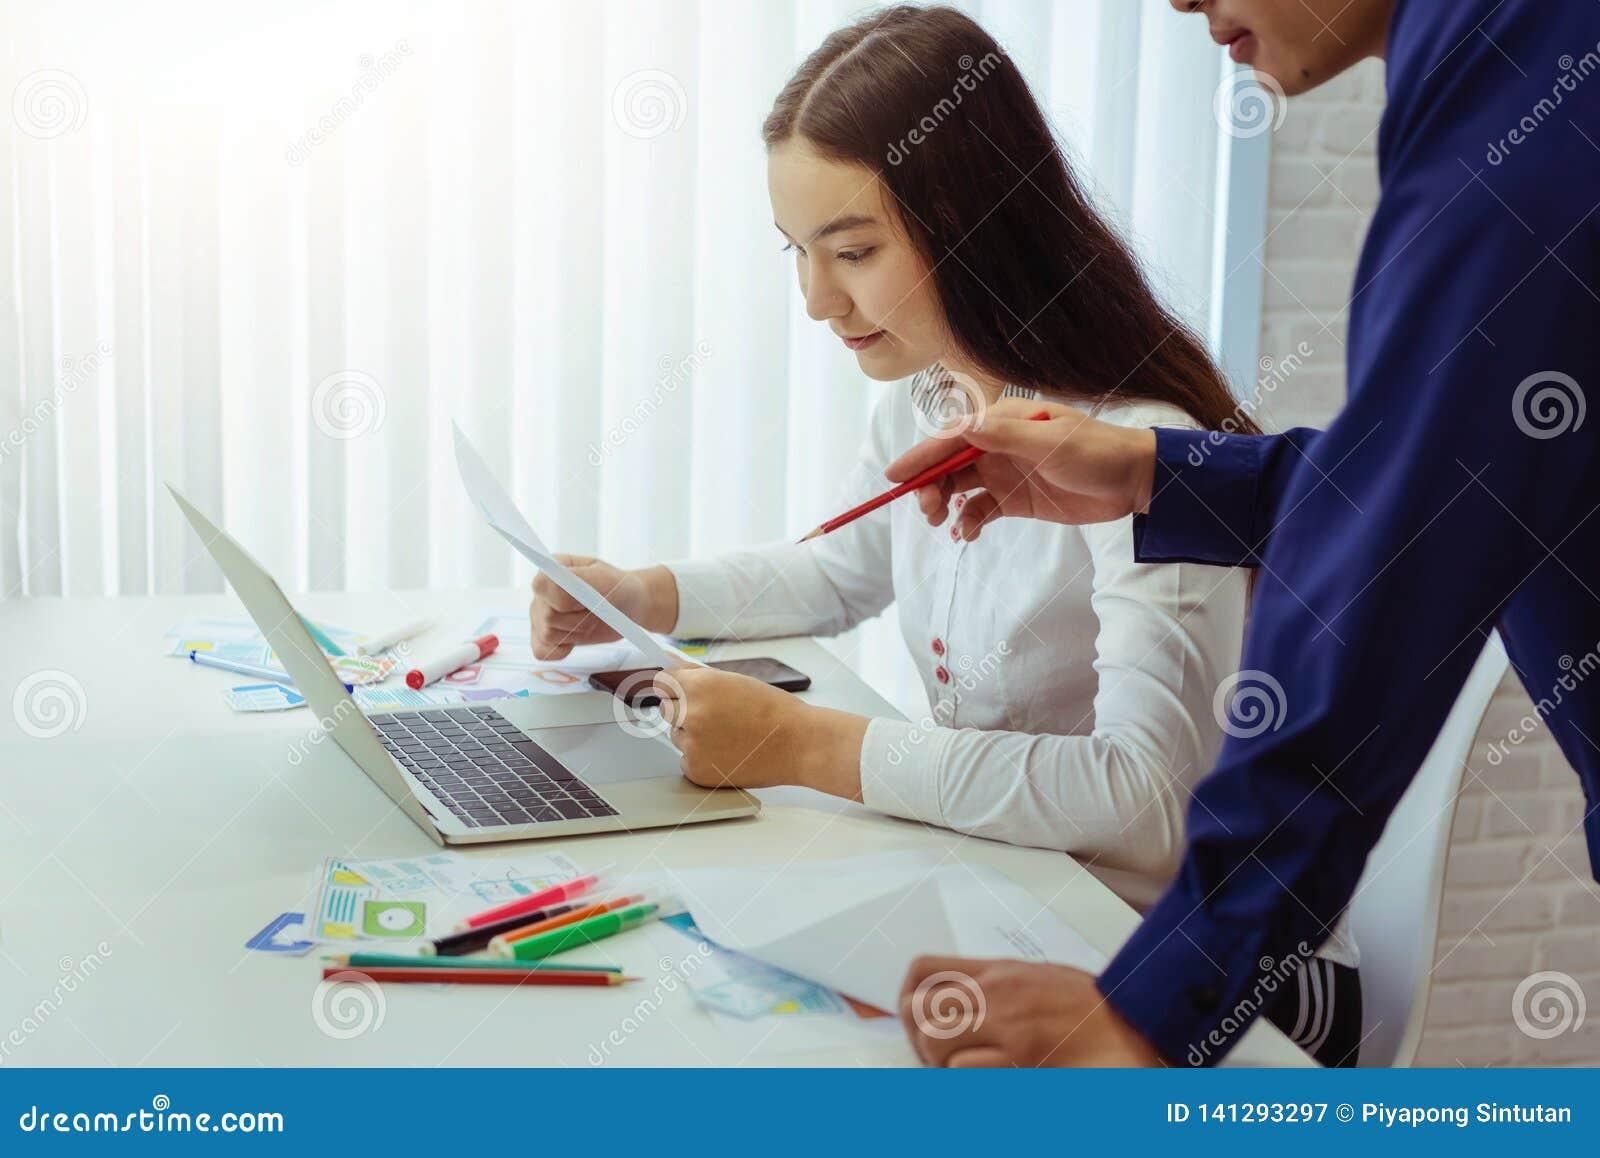 小组设计师应用谈论为新的应用程序机动性在办公室 用户经验设计观念